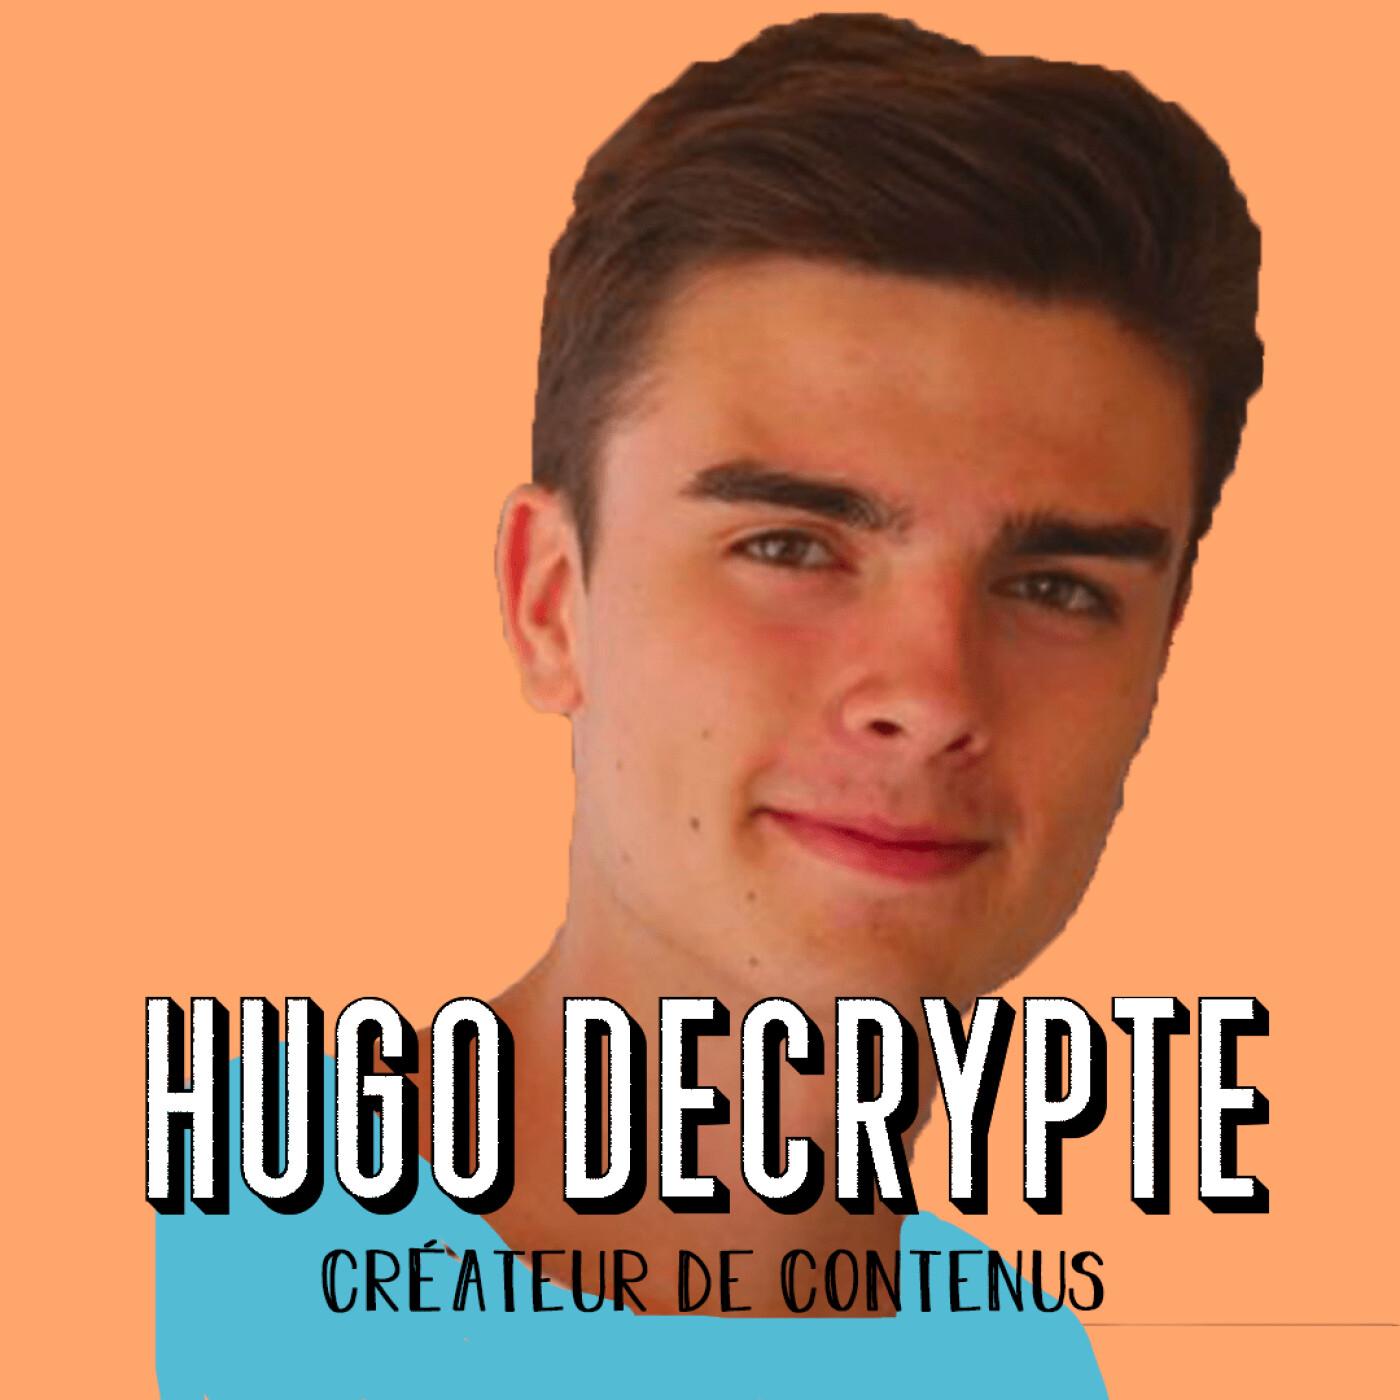 Hugo Décrypte - L'importance de passer au-dessus du regard des autres [BEST-OF]